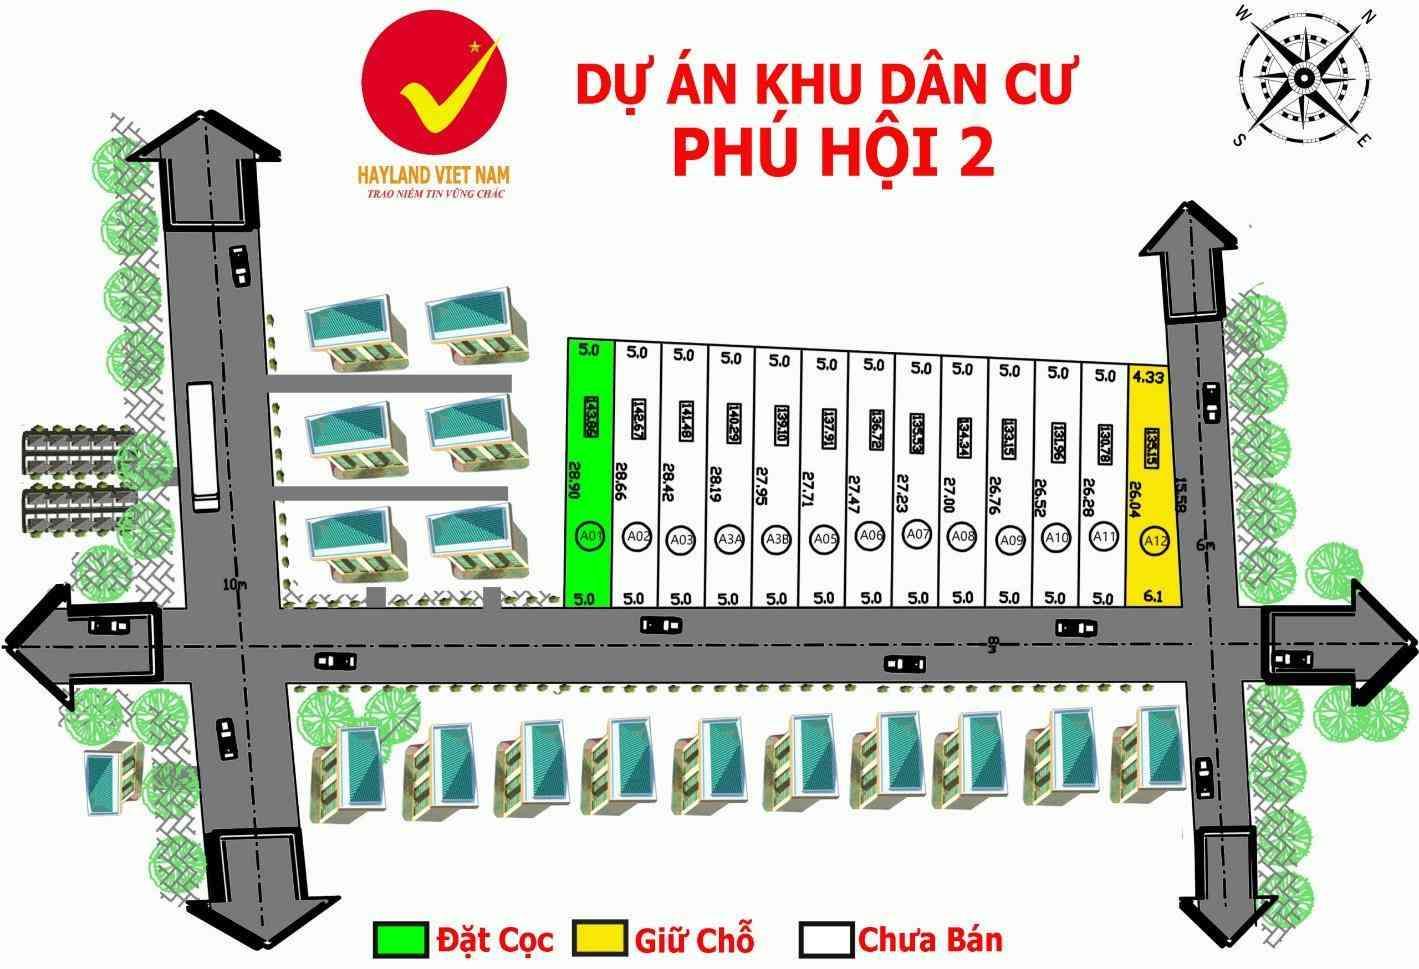 Dự án khu dân cư Phú Hội 2 Nhơn Trạch Đồng Nai